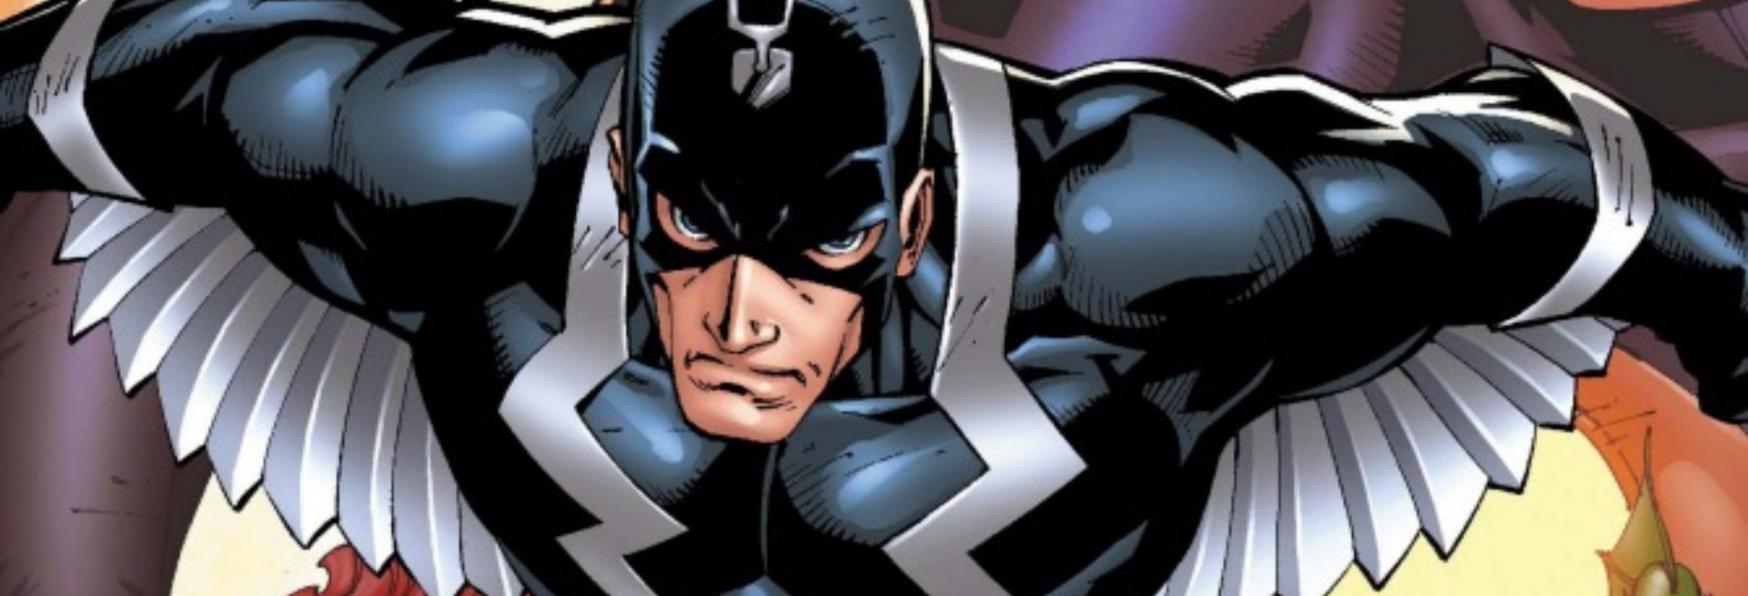 Ms. Marvel: nella Serie TV potrebbero comparire gli Inumani